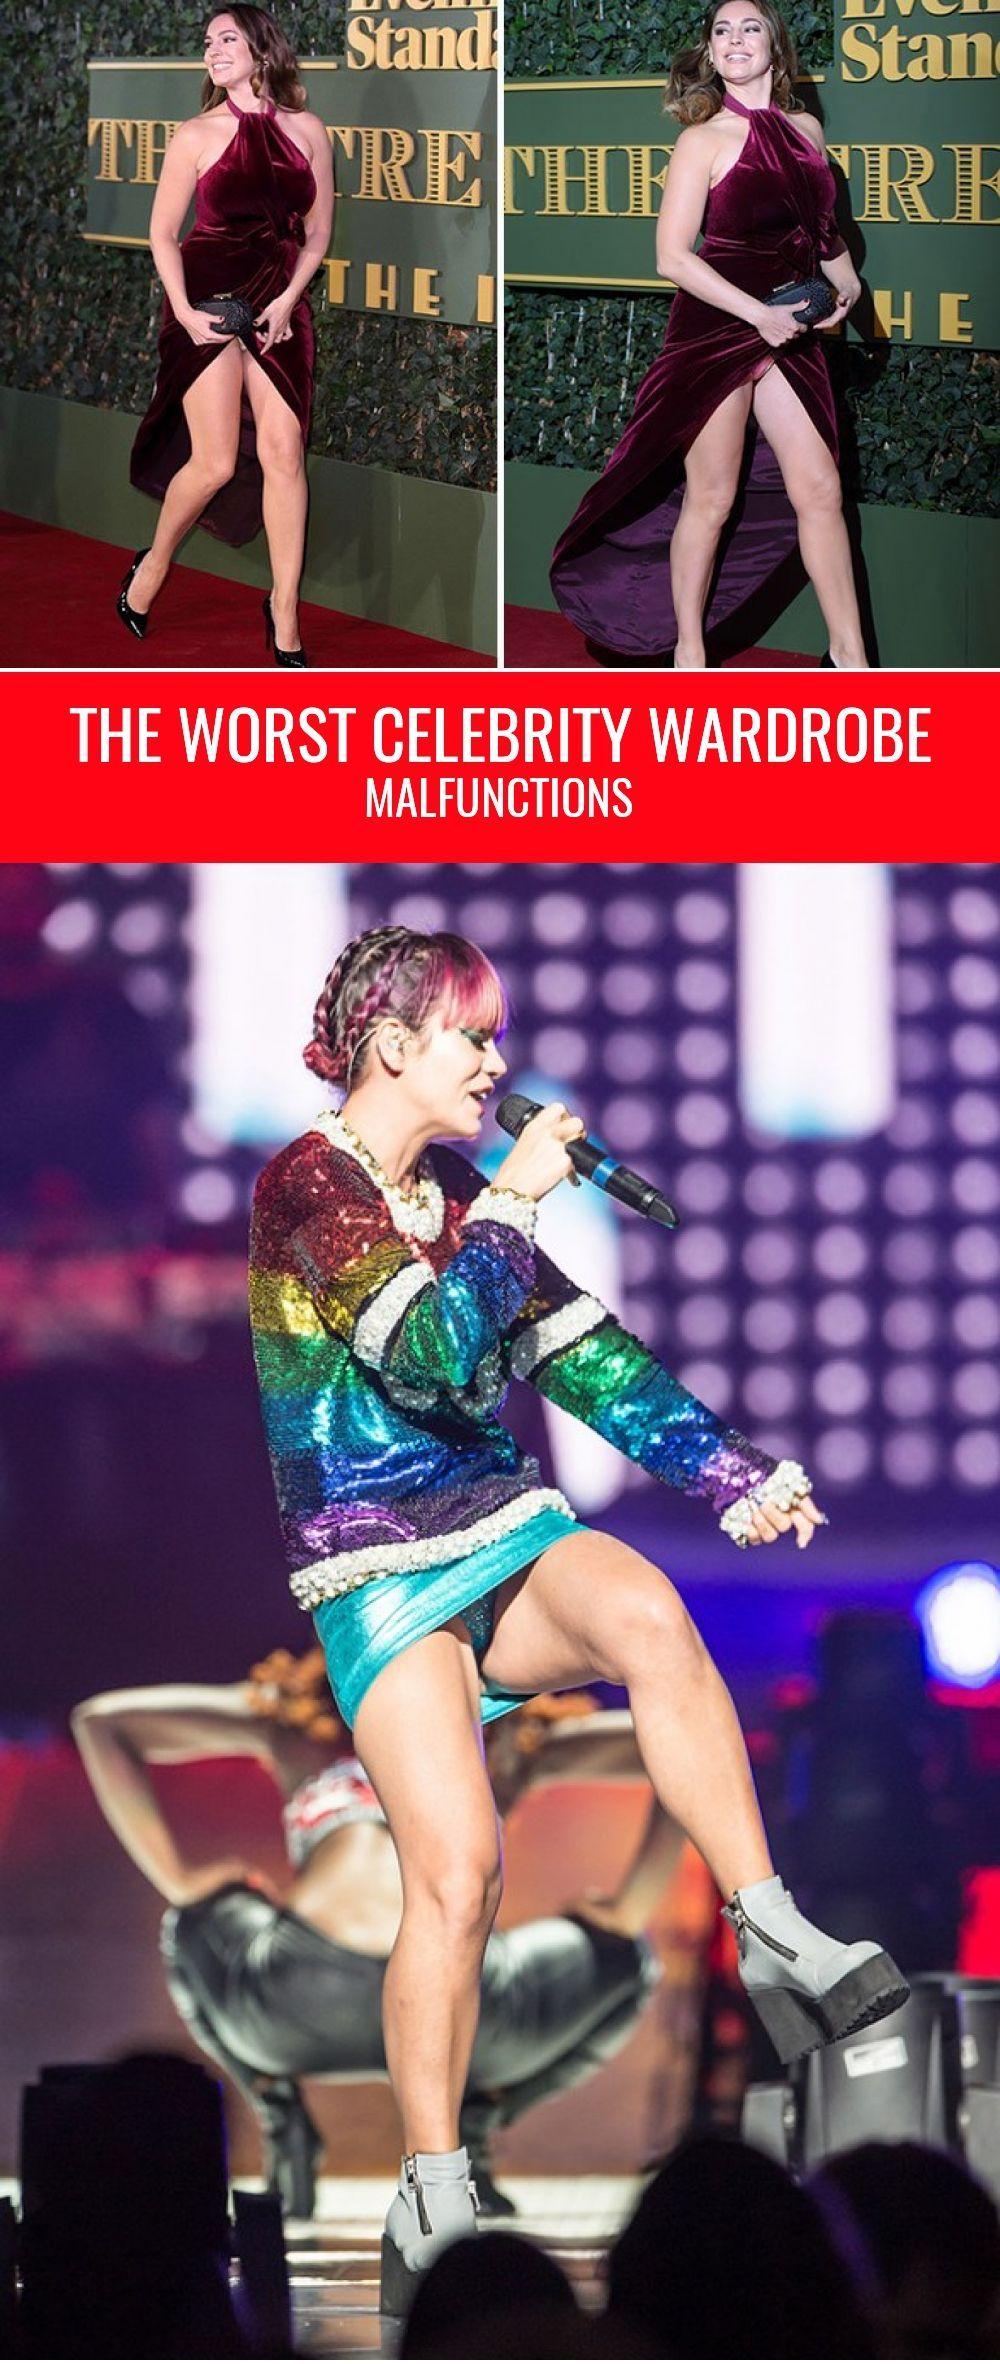 Worst wardrobe malfunction